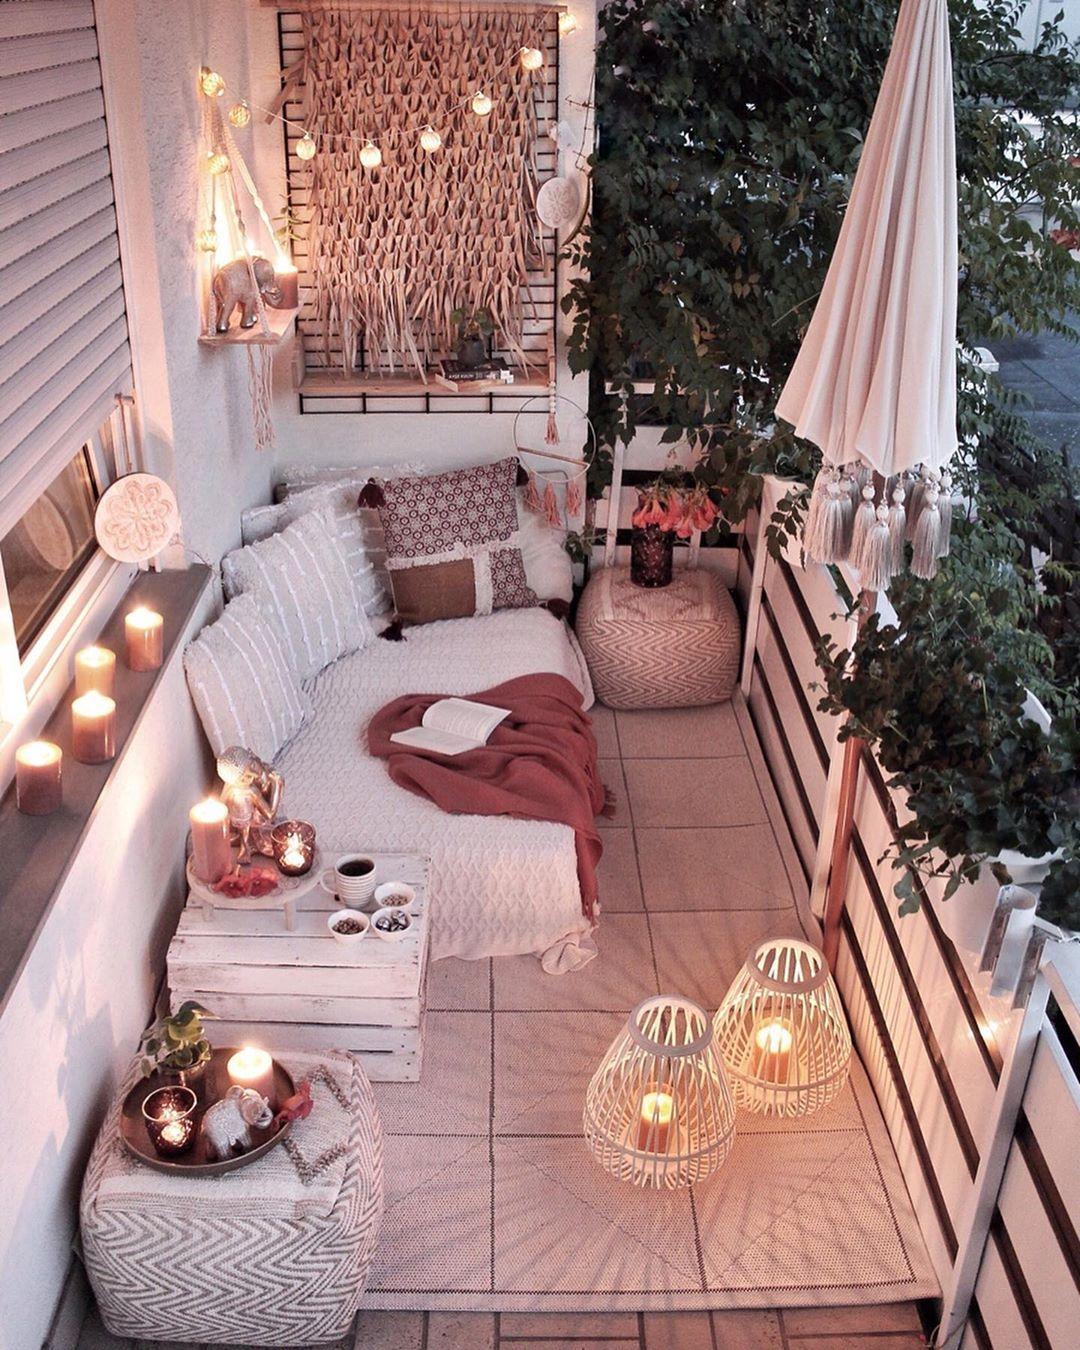 """Photo of DEPOT on Instagram: """"Last call for summer!? Was für ein traumhafter Balkon im Bali-Style von @gozdee81.? Genießt Ihr auch die letzten lauen Sommertage in vollen…"""""""